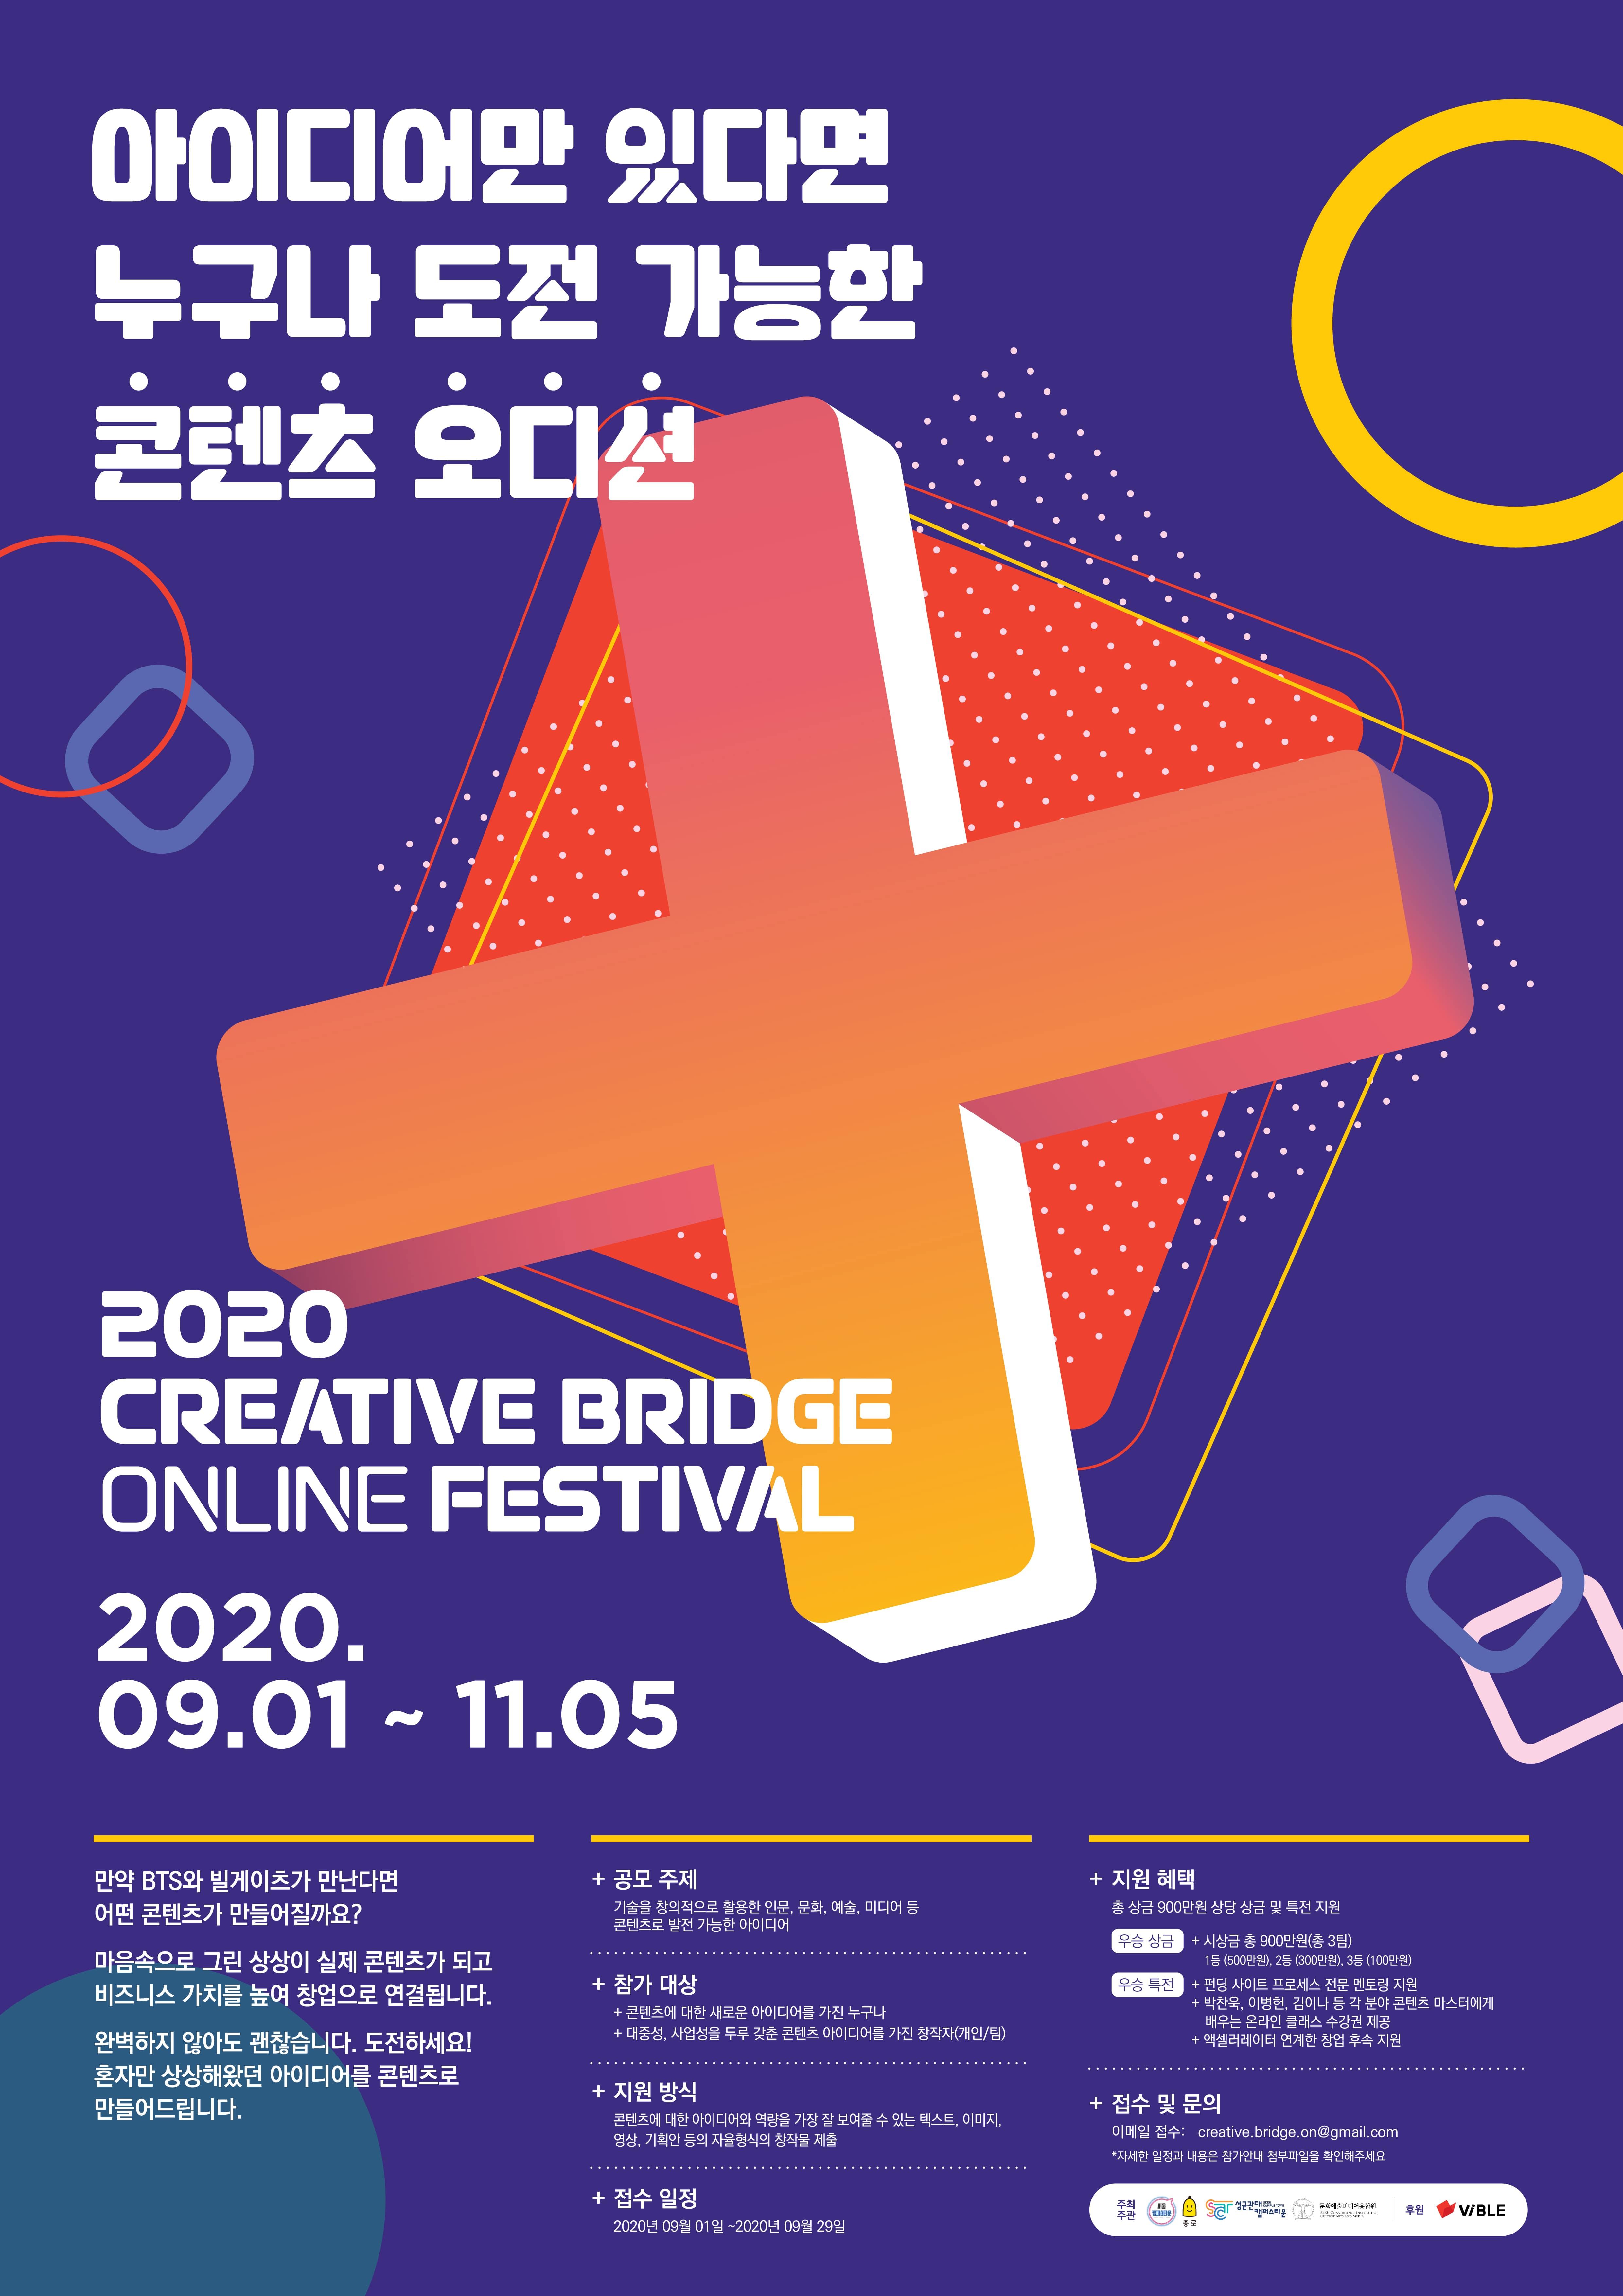 [접수기간연장] 아이디어만 있다면 누구나 도전 가능한 콘텐츠 오디션 [2020 Creative Bridge Online Festival]